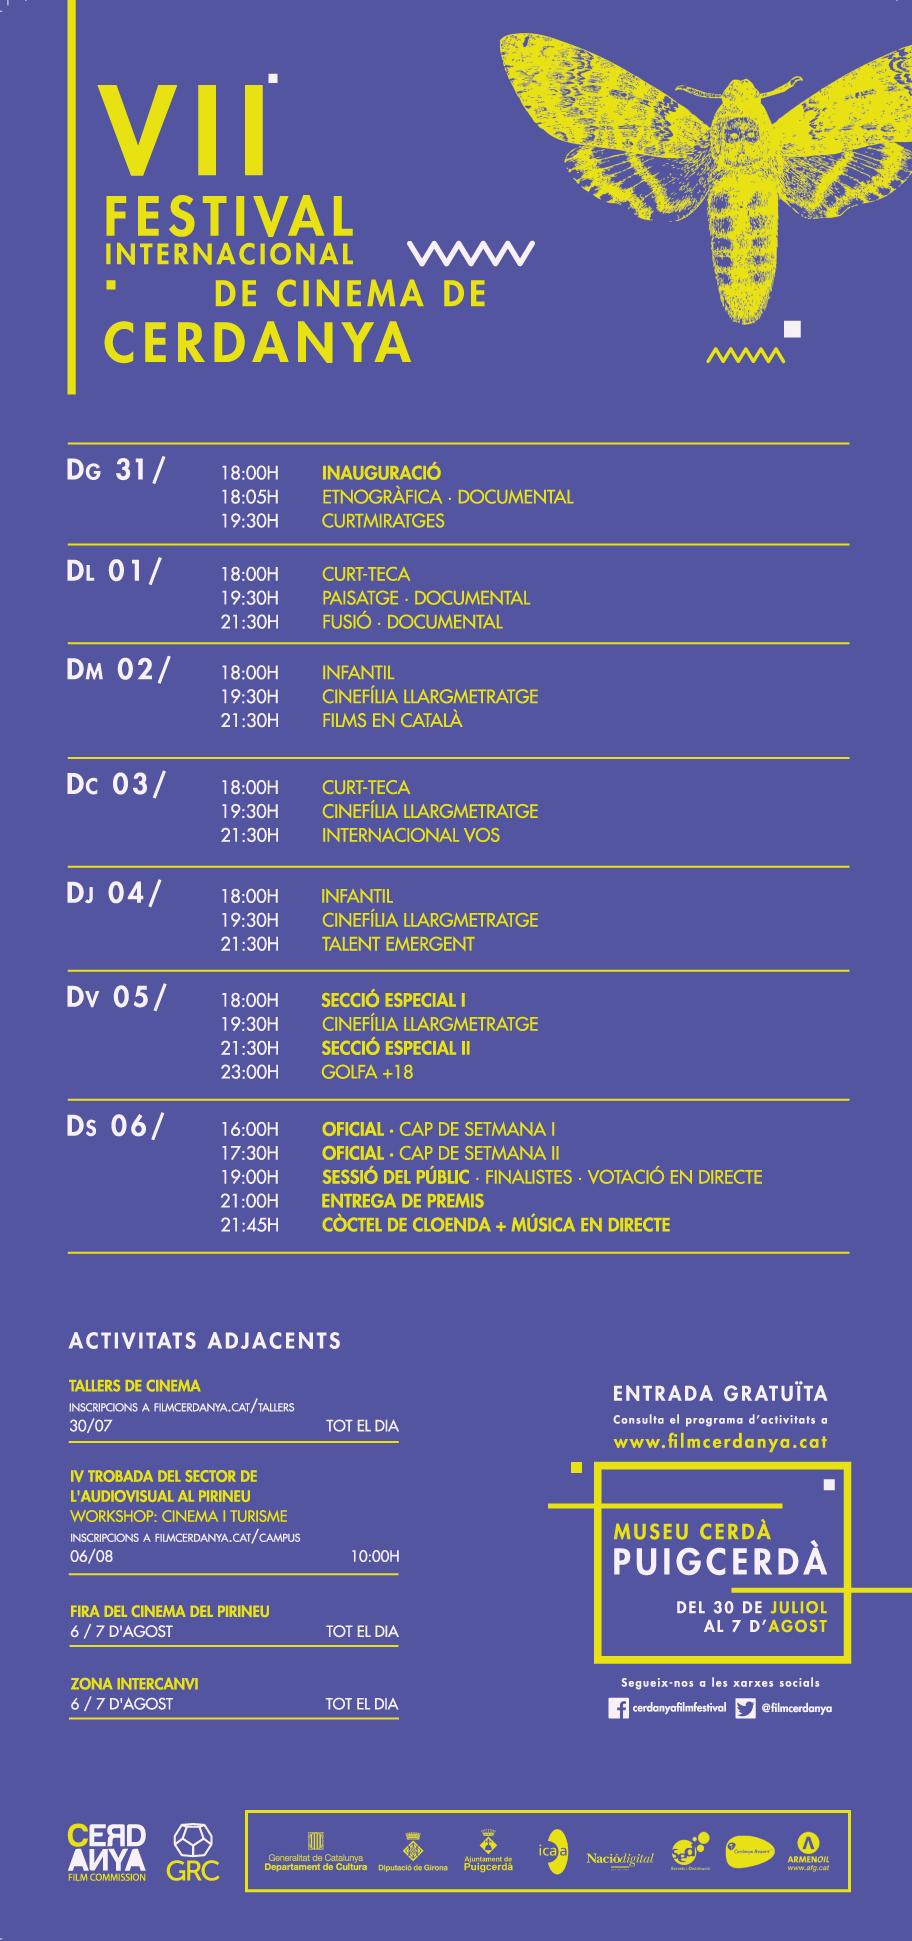 vii-festival-internacional-de-cinema-de-cerdanya-2